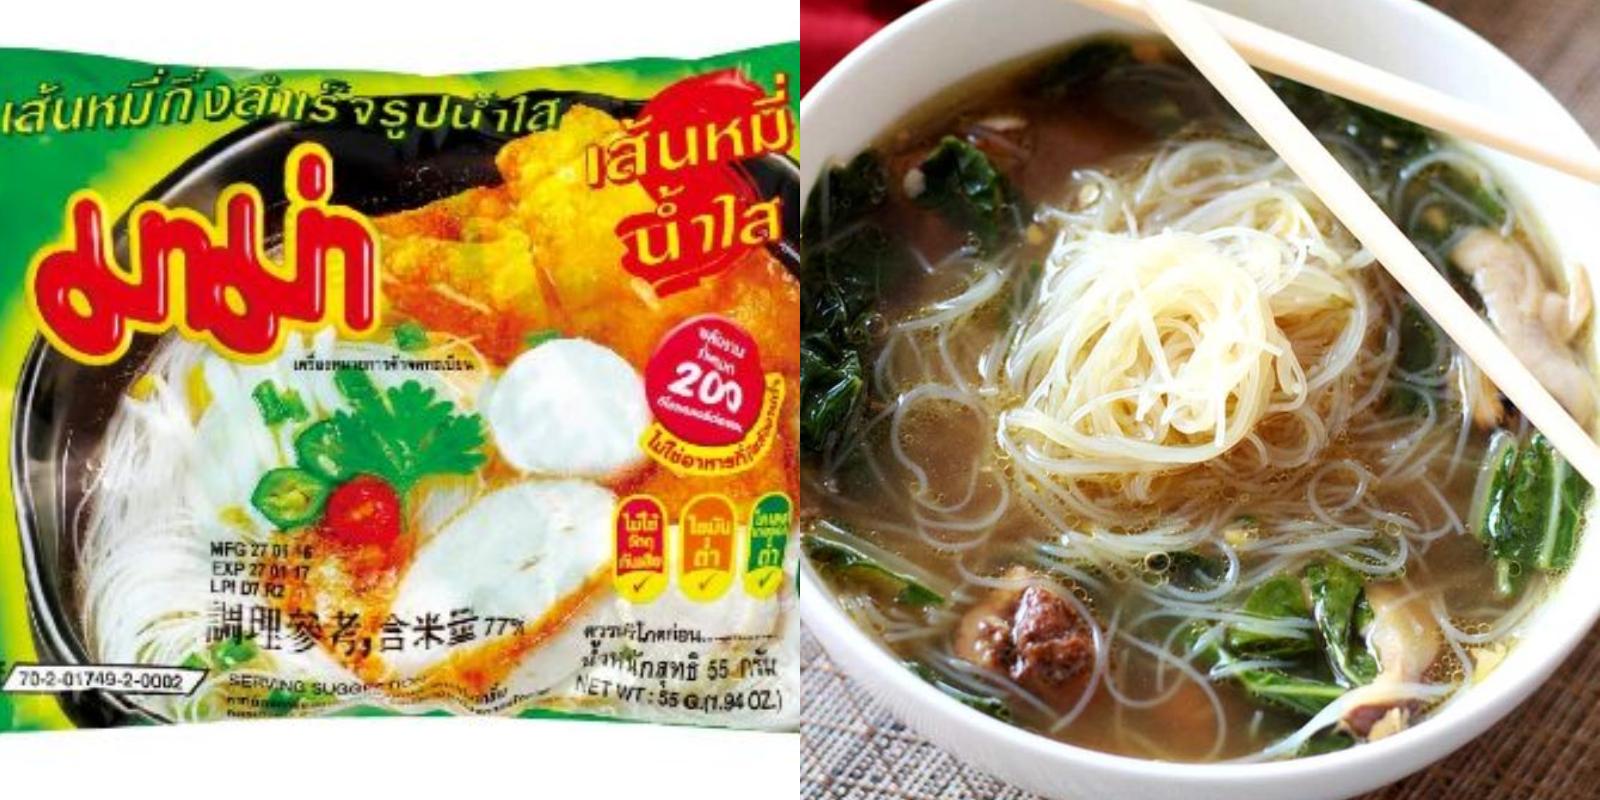 這款MAMA清湯味米粉口感較為清淡,可以加點香菜、洋蔥、丸子,整碗泡麵更為豐富。